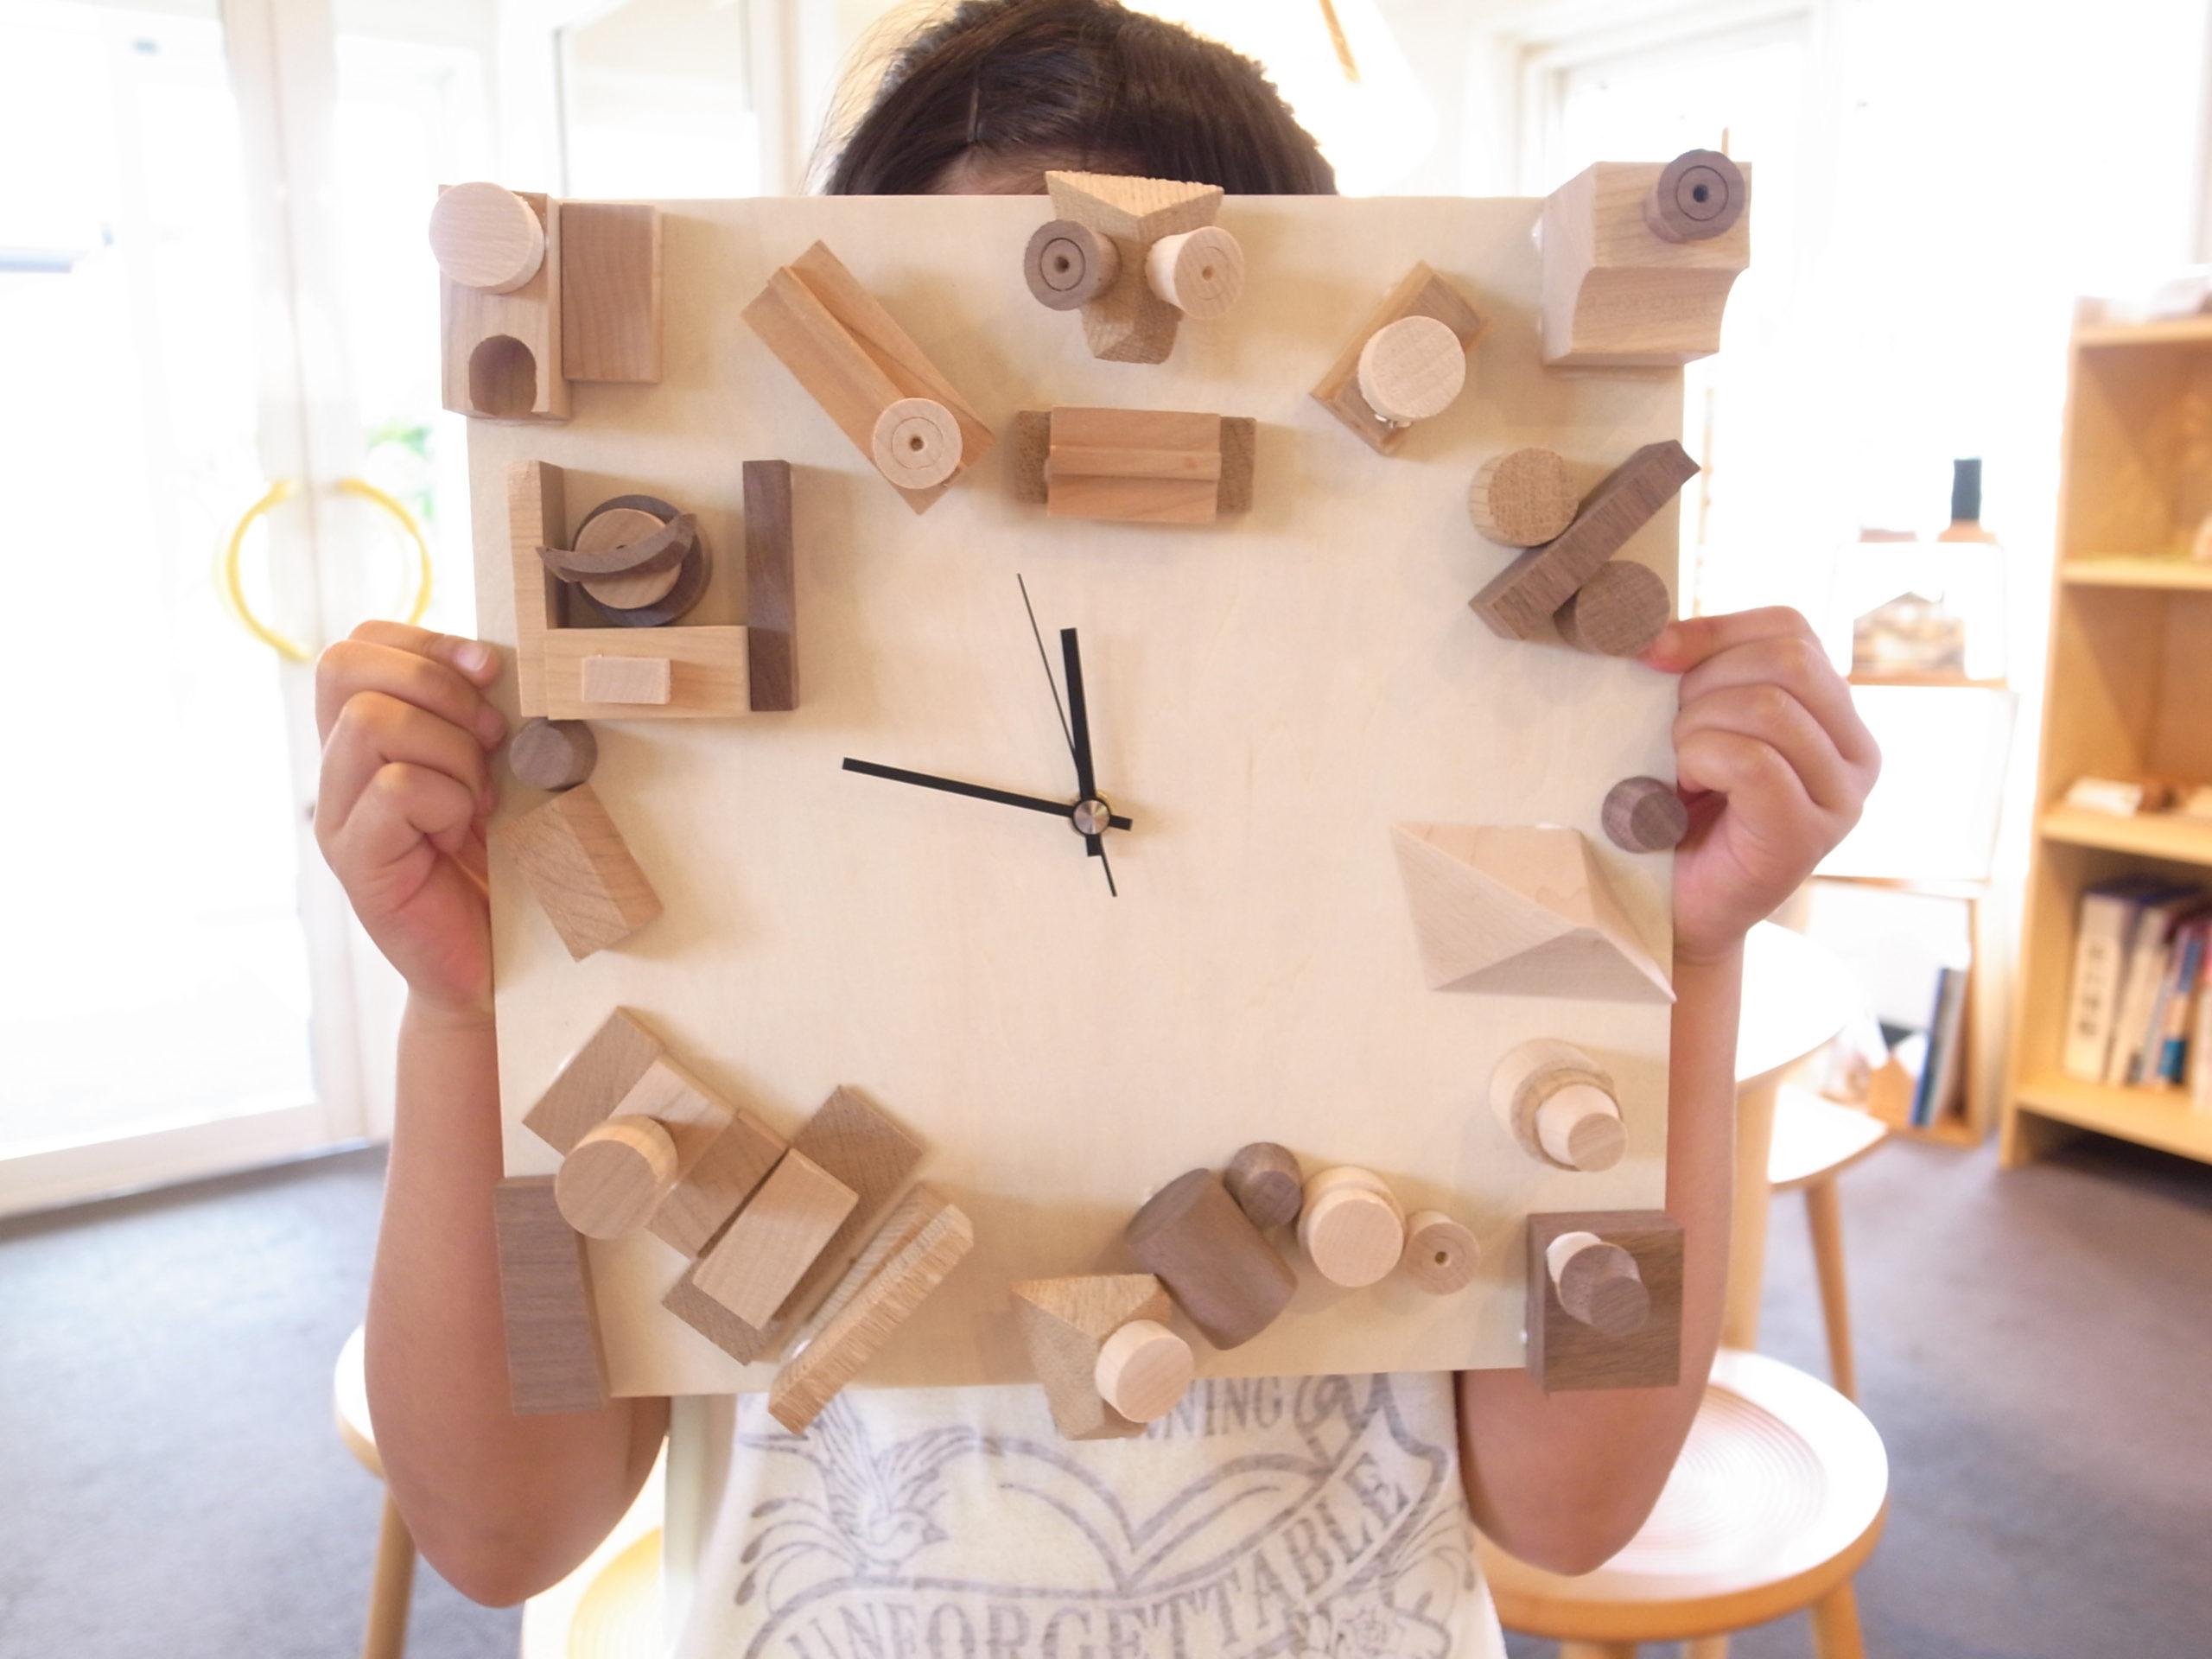 [コサイン青山]夏休みこっぱっぱ木工教室『壁掛け時計』づくりとファブリックパネルづくり